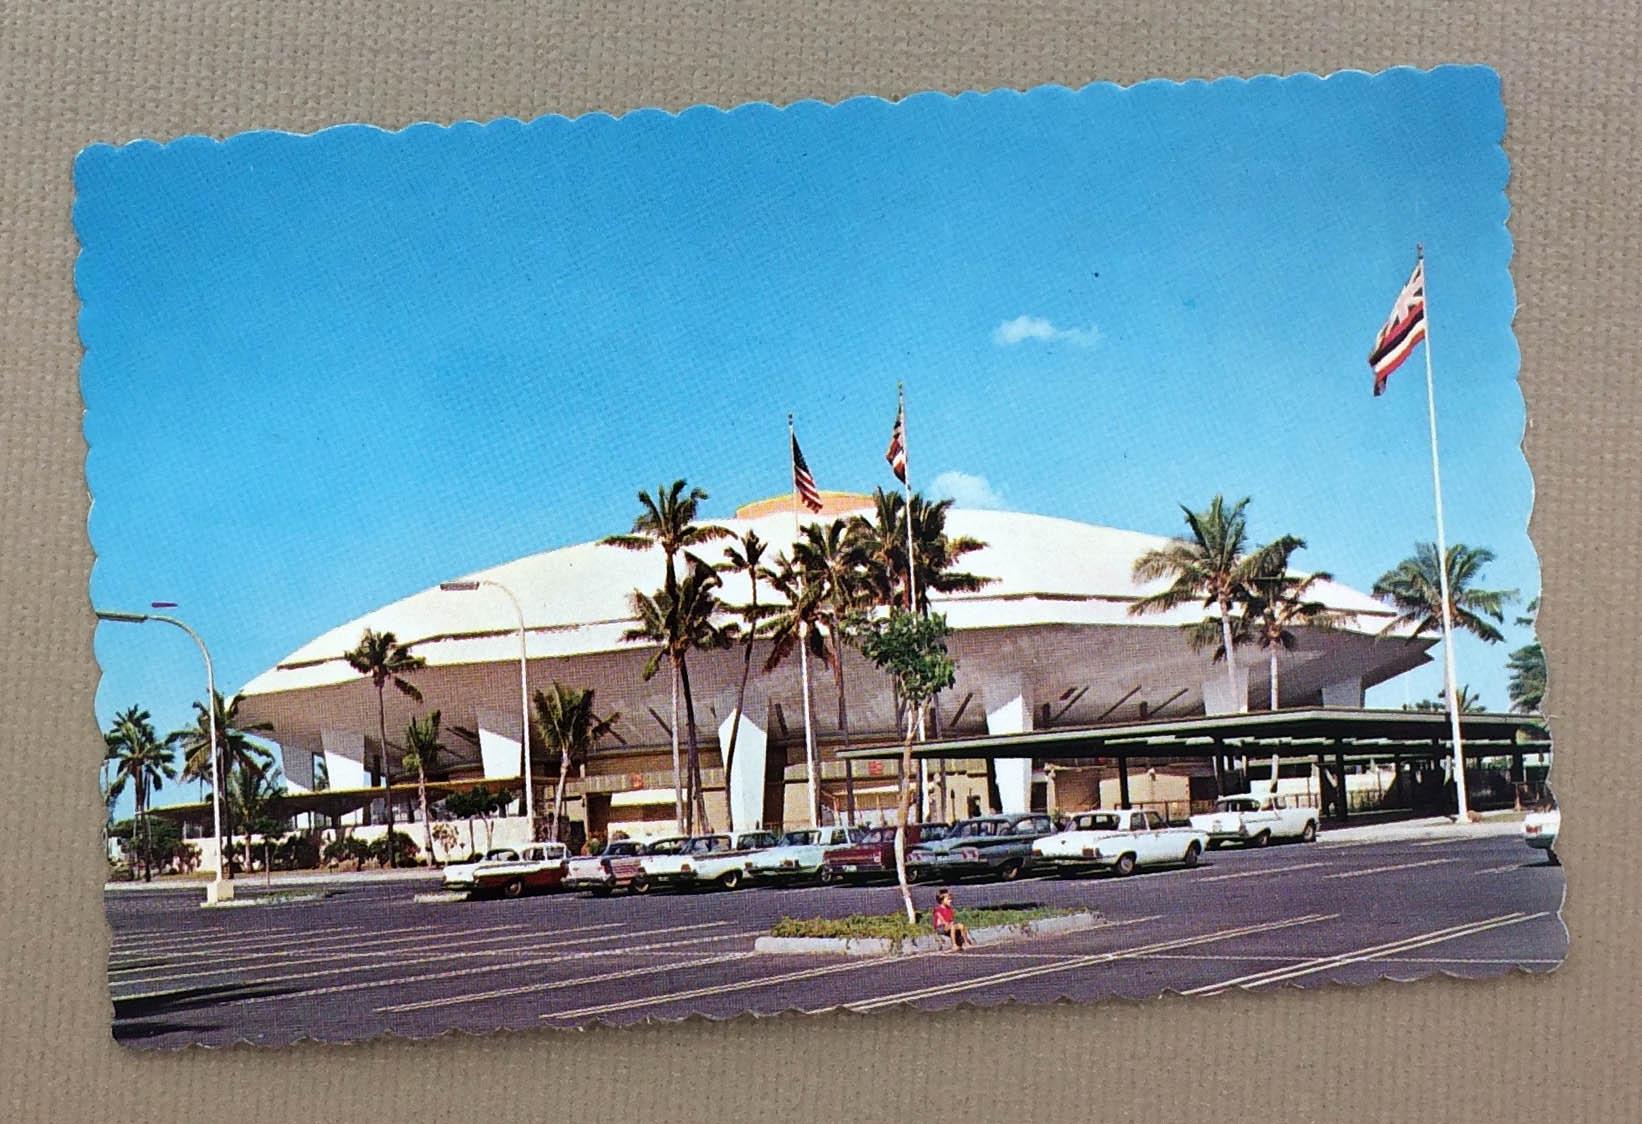 Blaisdell Memorial Arena